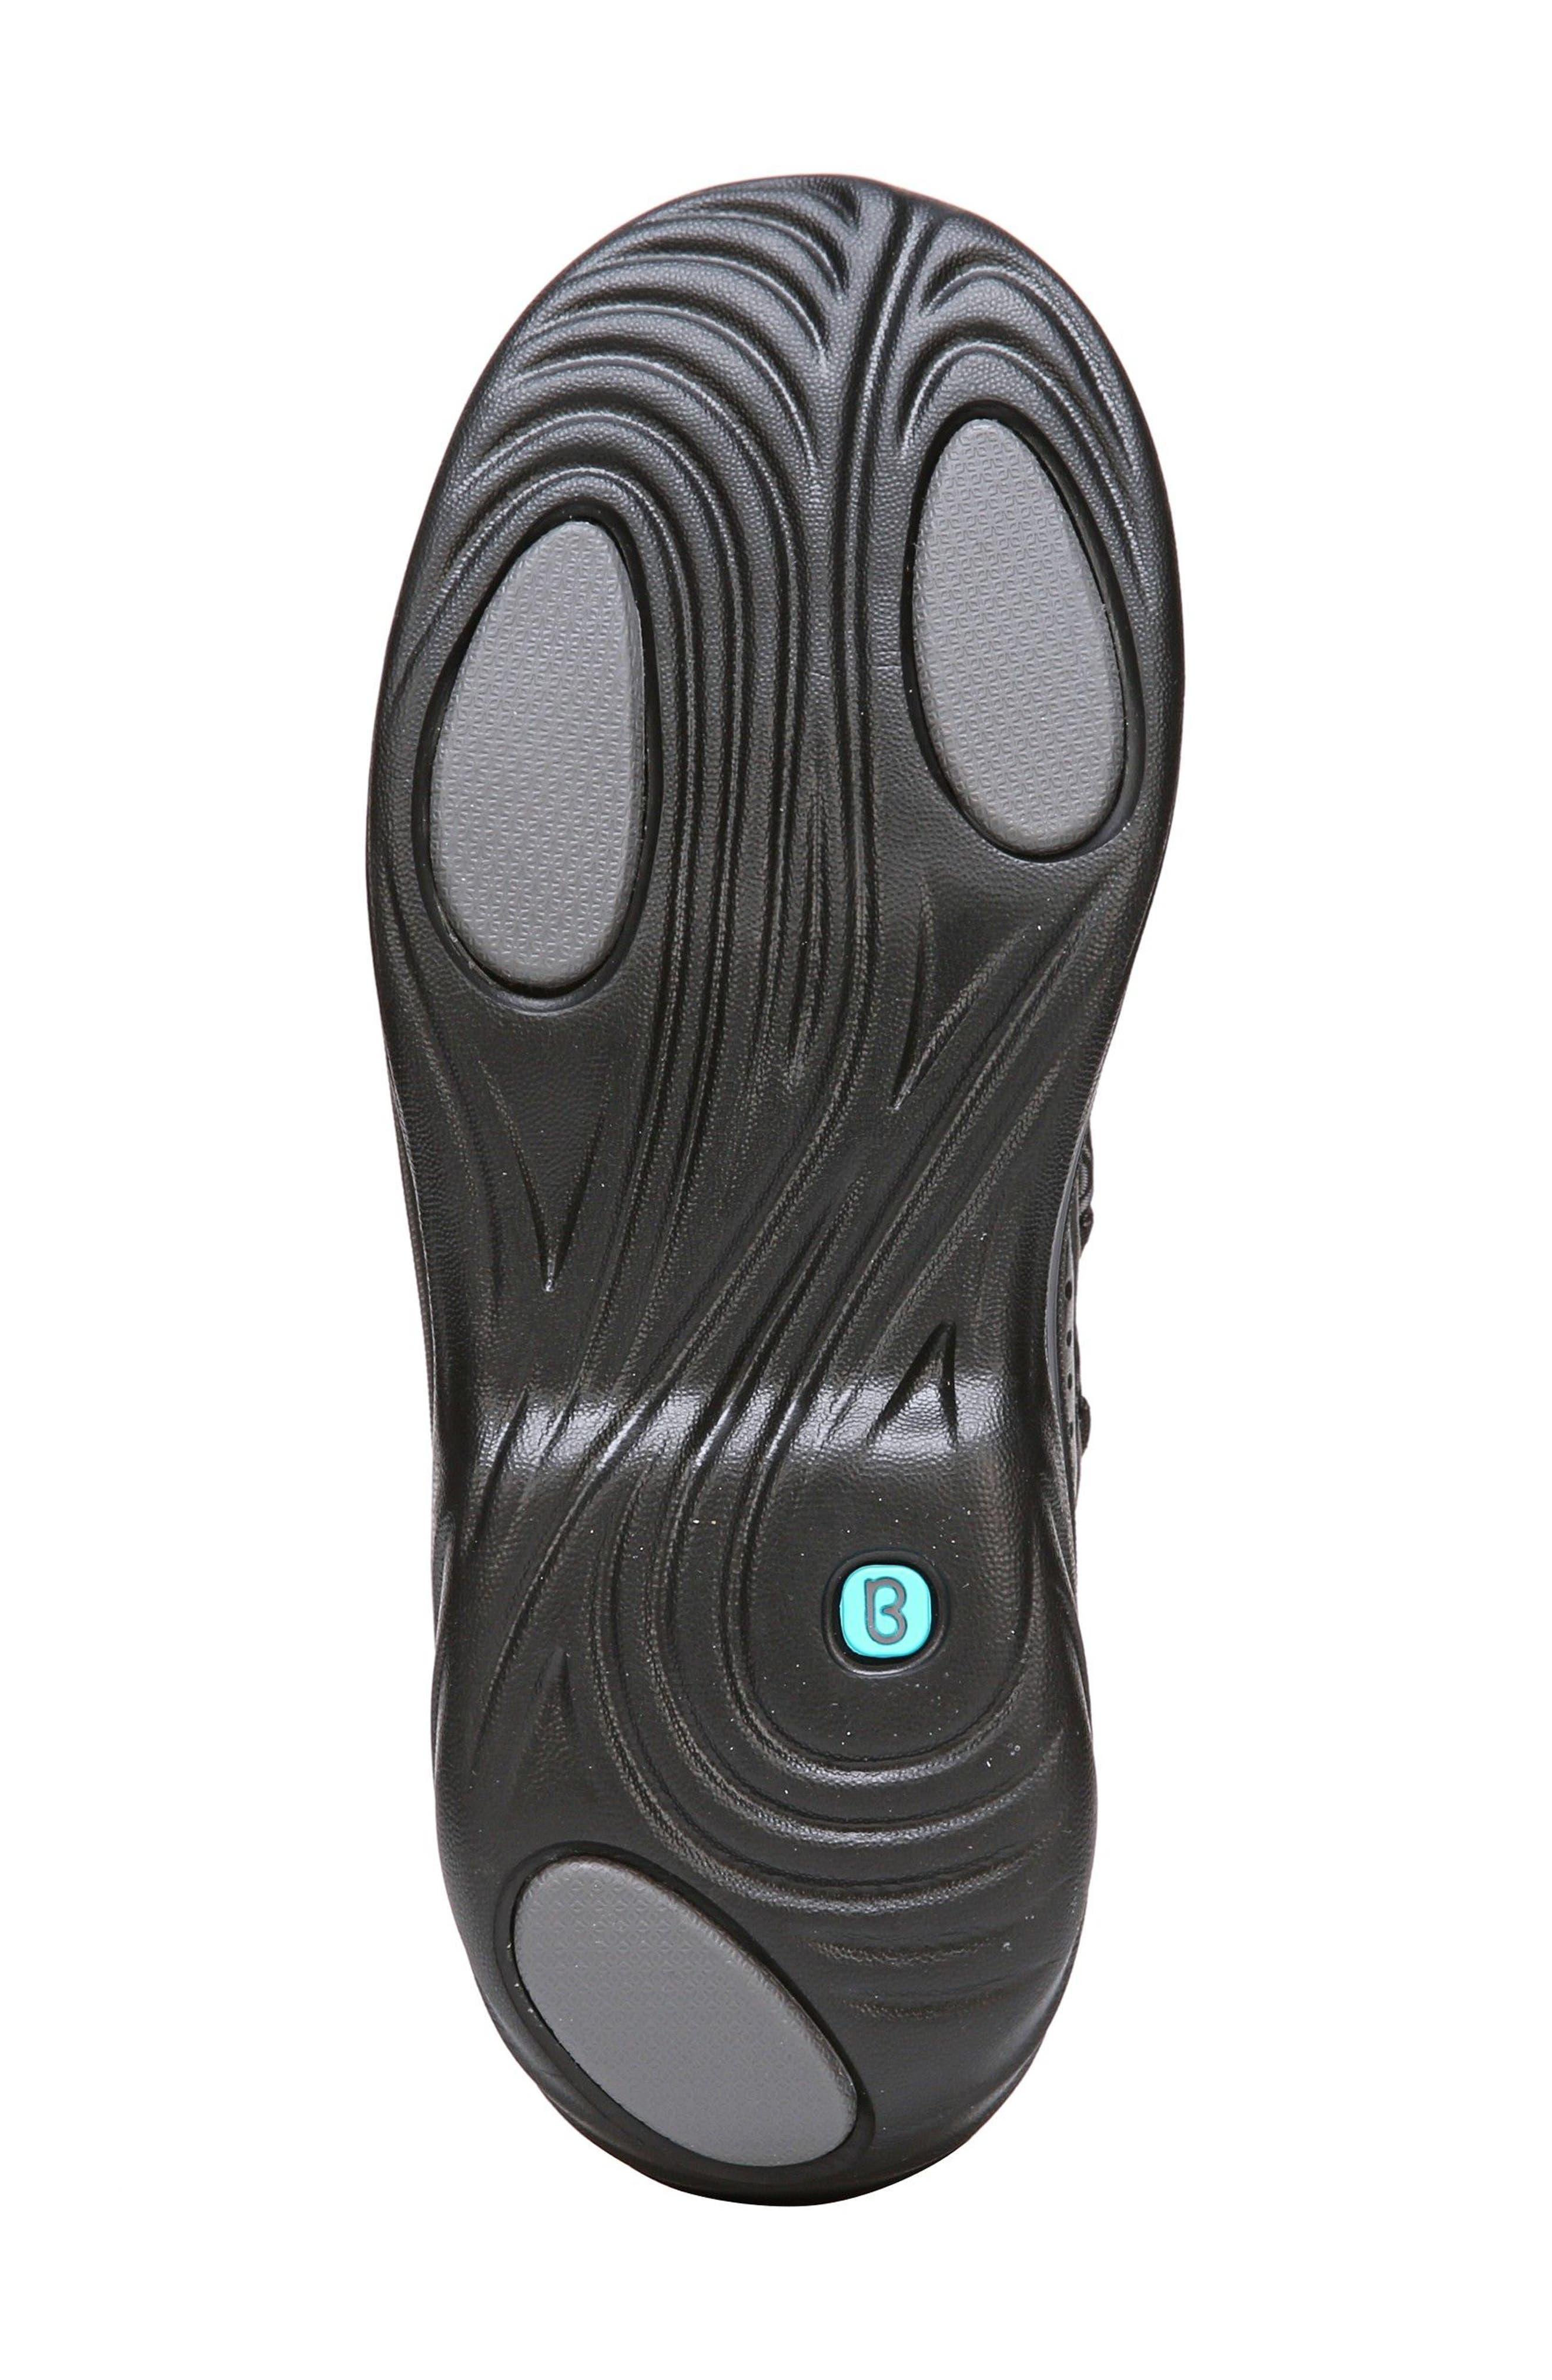 Pisces Slip-On Sneaker,                             Alternate thumbnail 6, color,                             Black